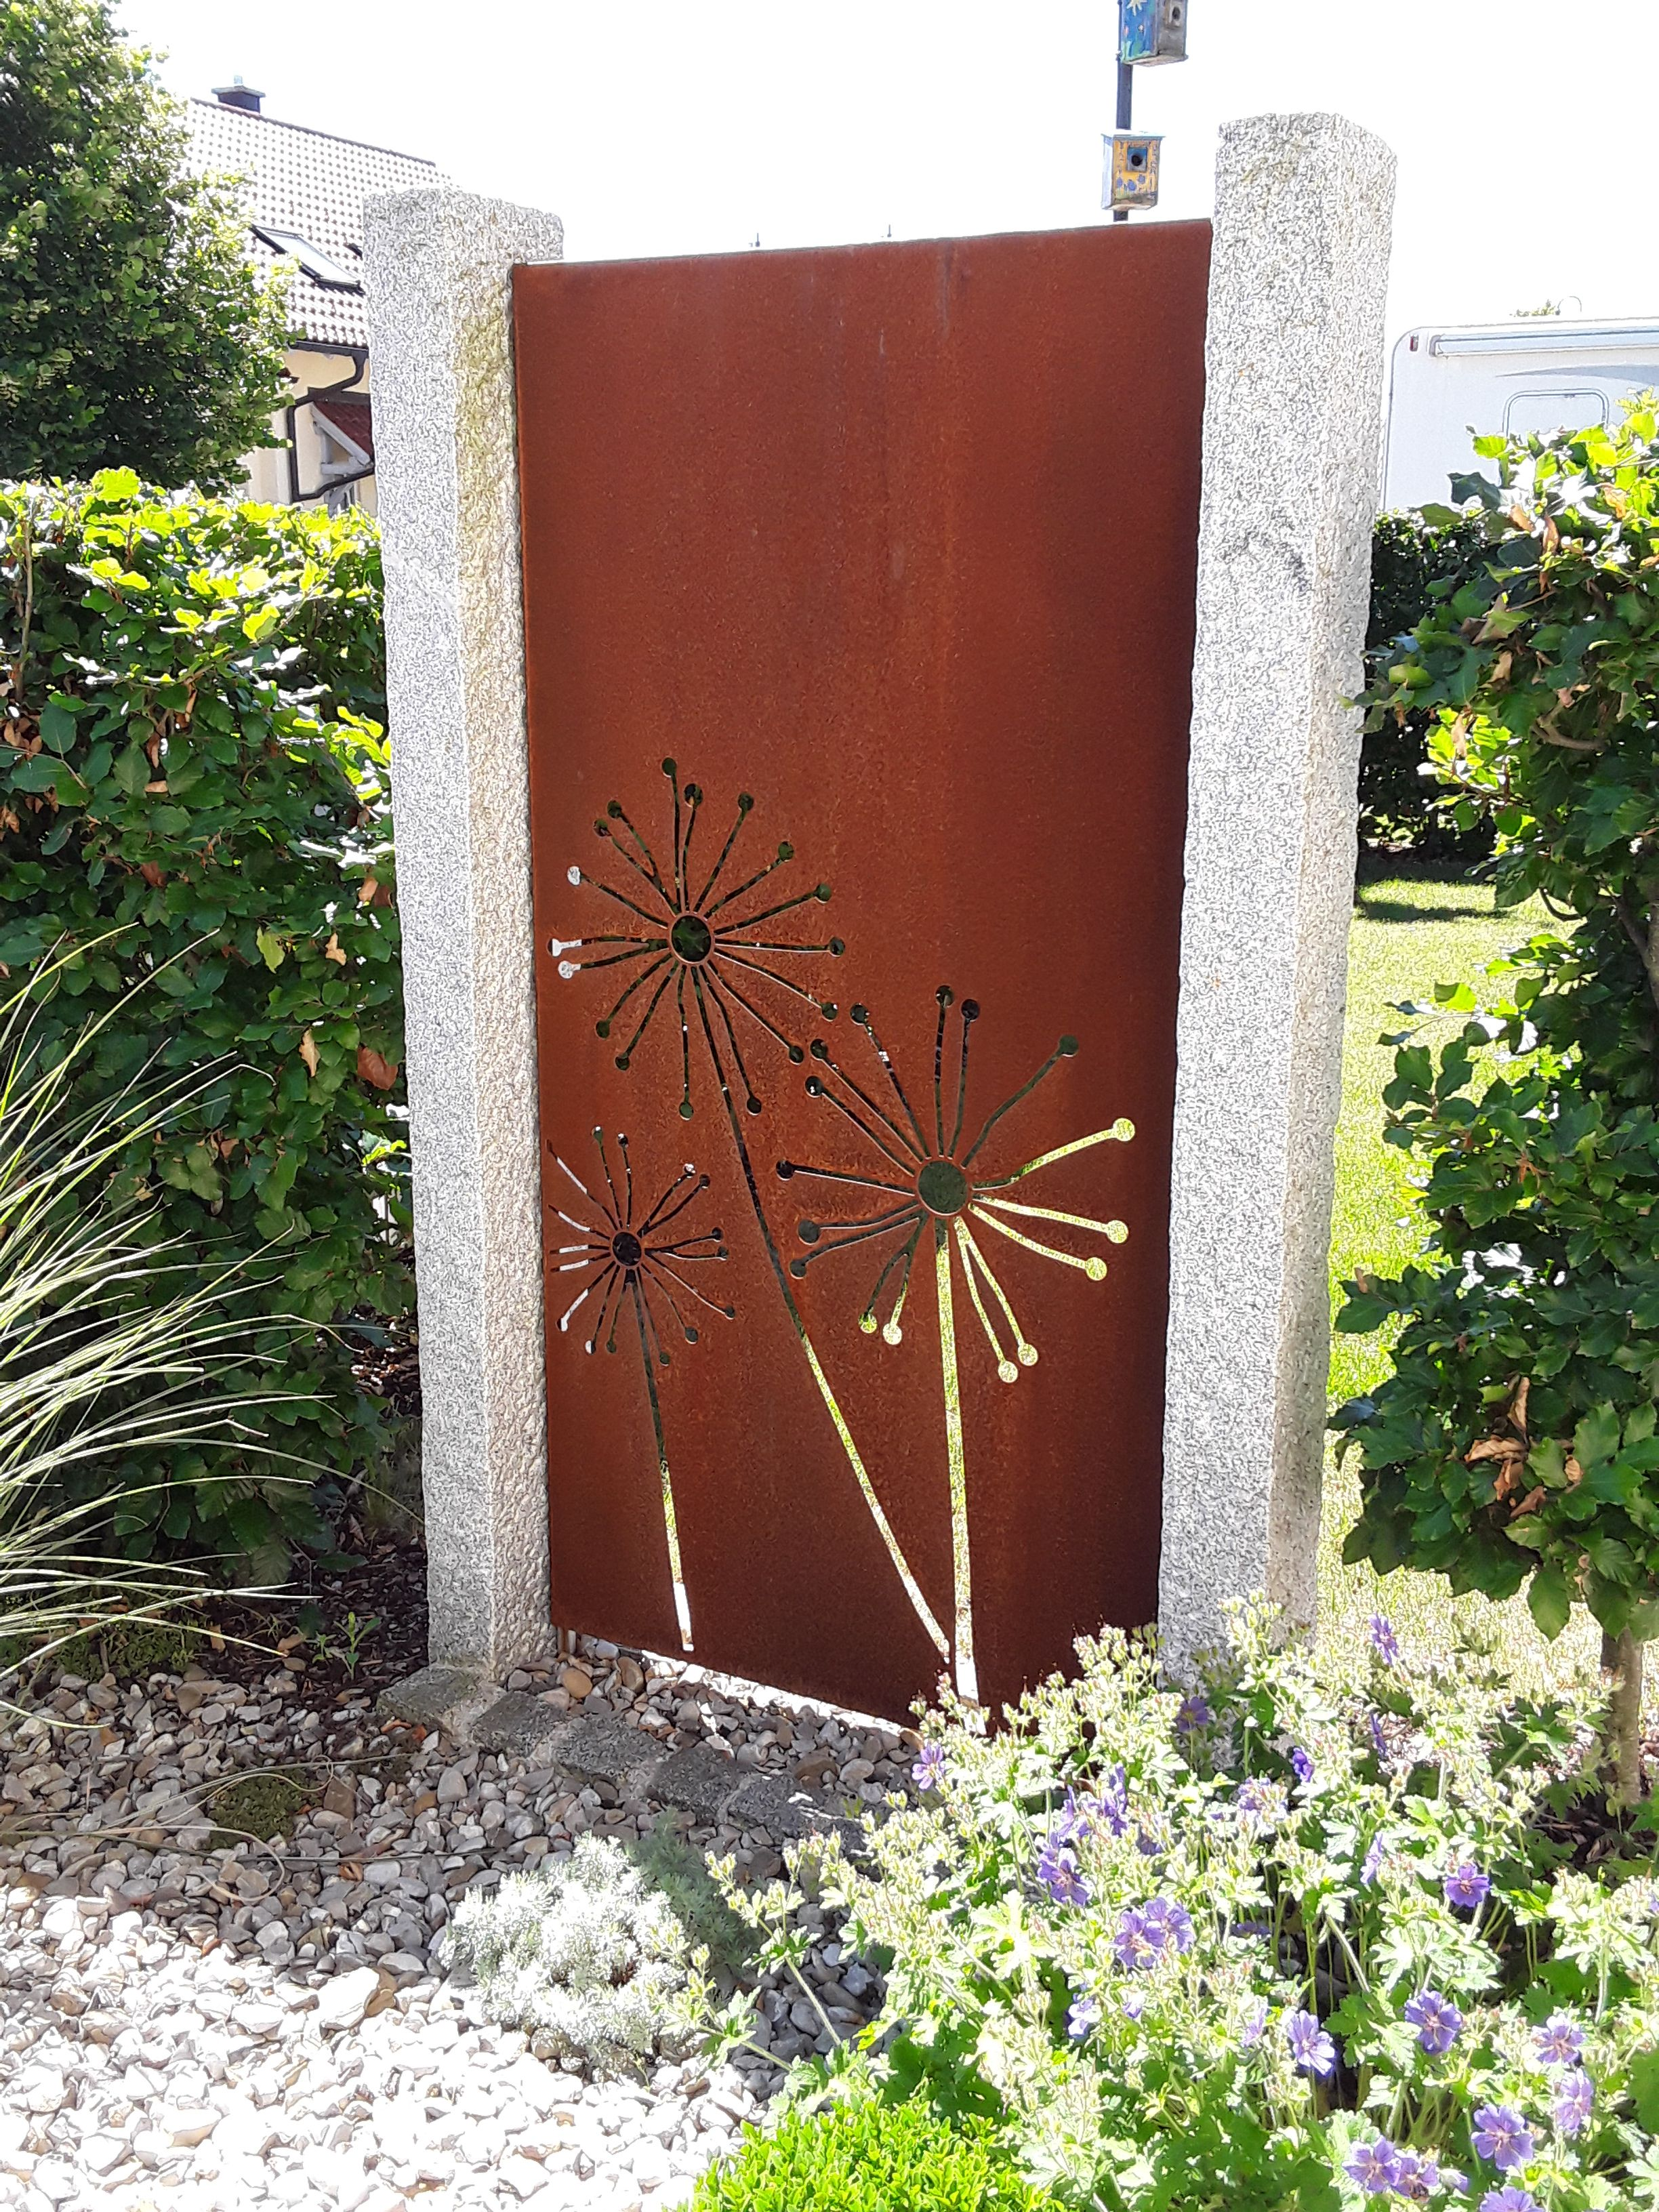 Sichtschutz Für Den Garten Aus Corten Stahl Rost In Farbe Paras Moderne Blumenarrangements Blumenarrangements Einfach Rost Deko Garten